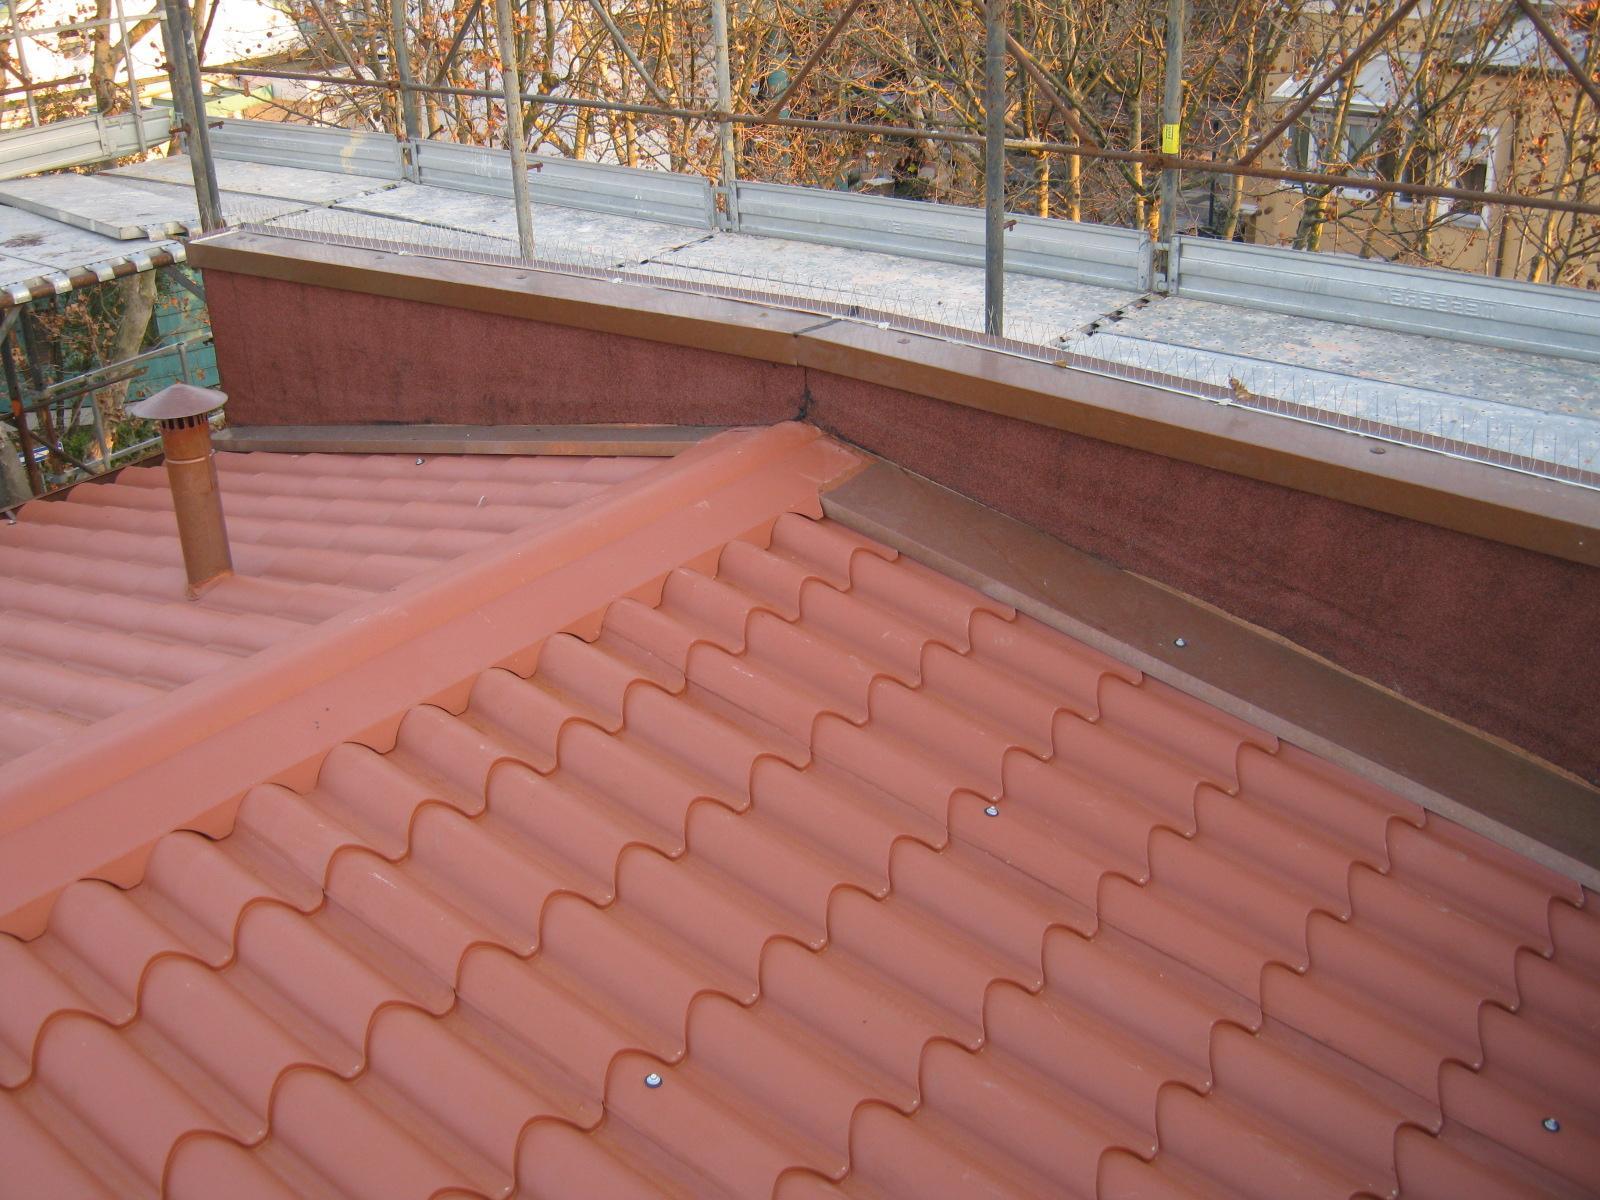 un tetto con le tegole arancioni